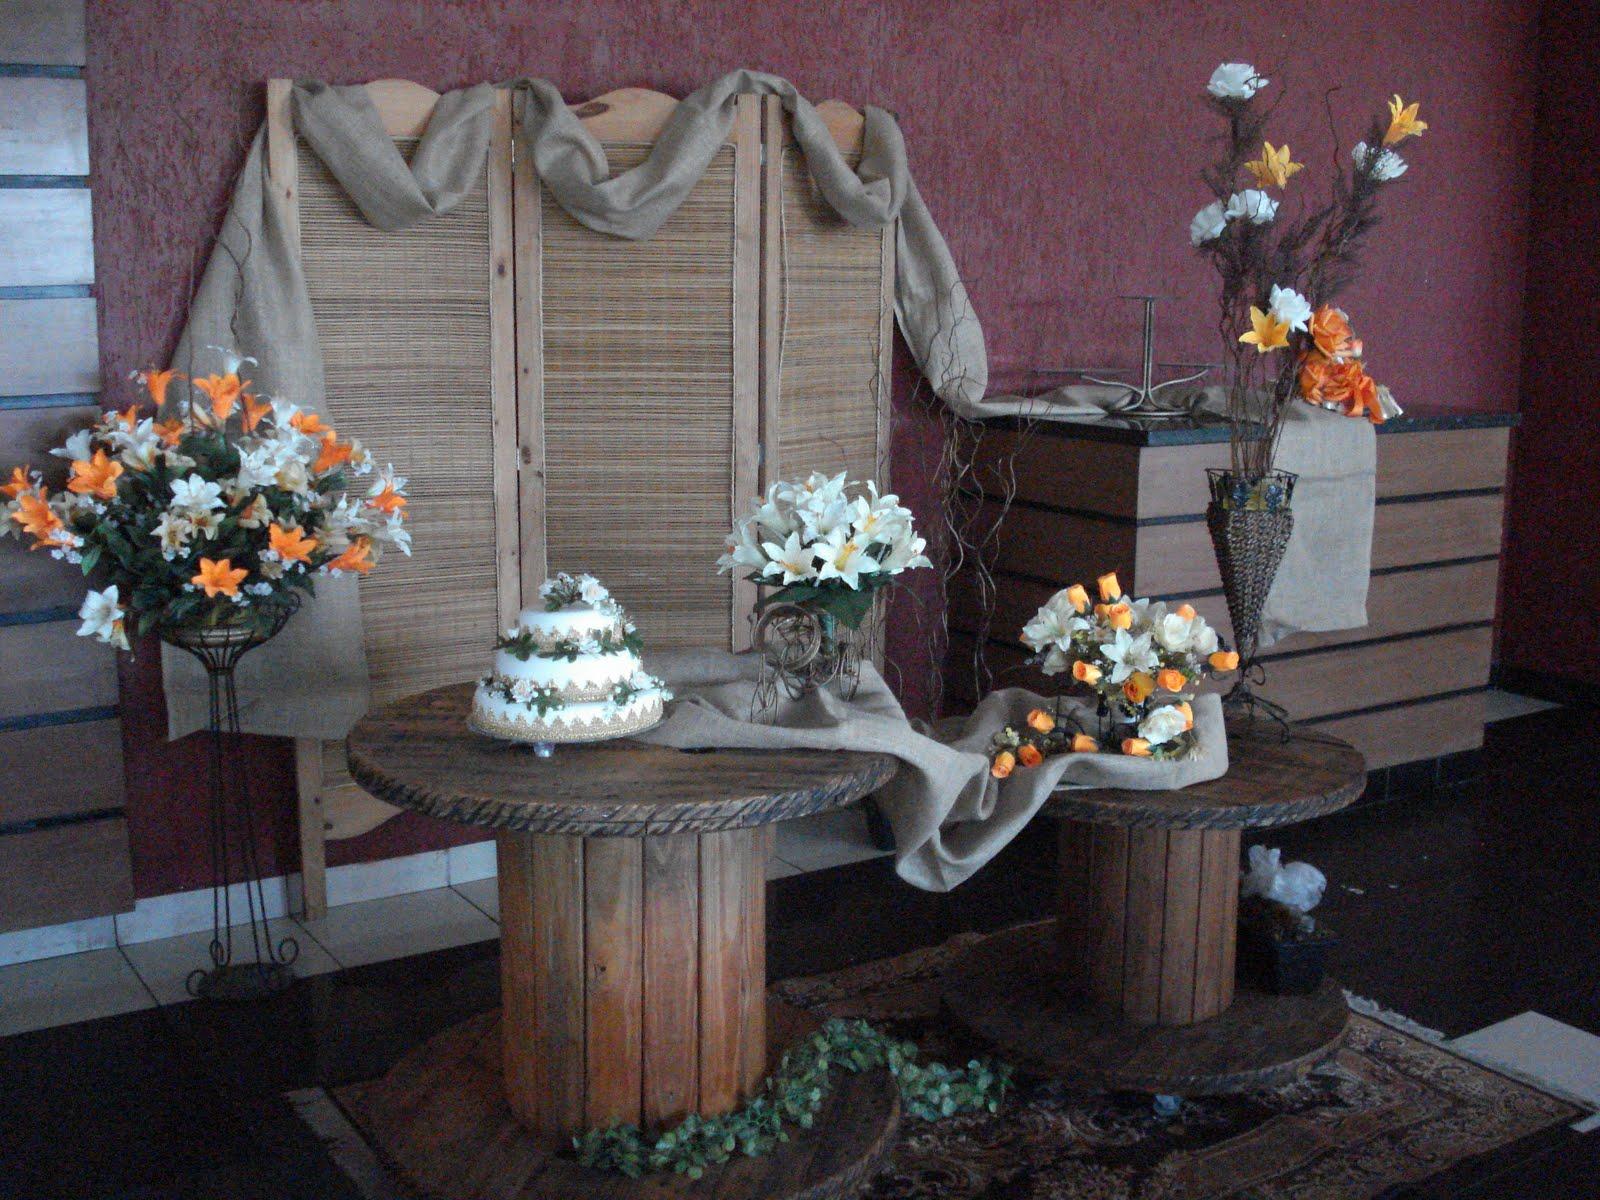 decoracao festa rustica:ju festas: Decoração rústica na Churrascaria Estância-Jundiaí